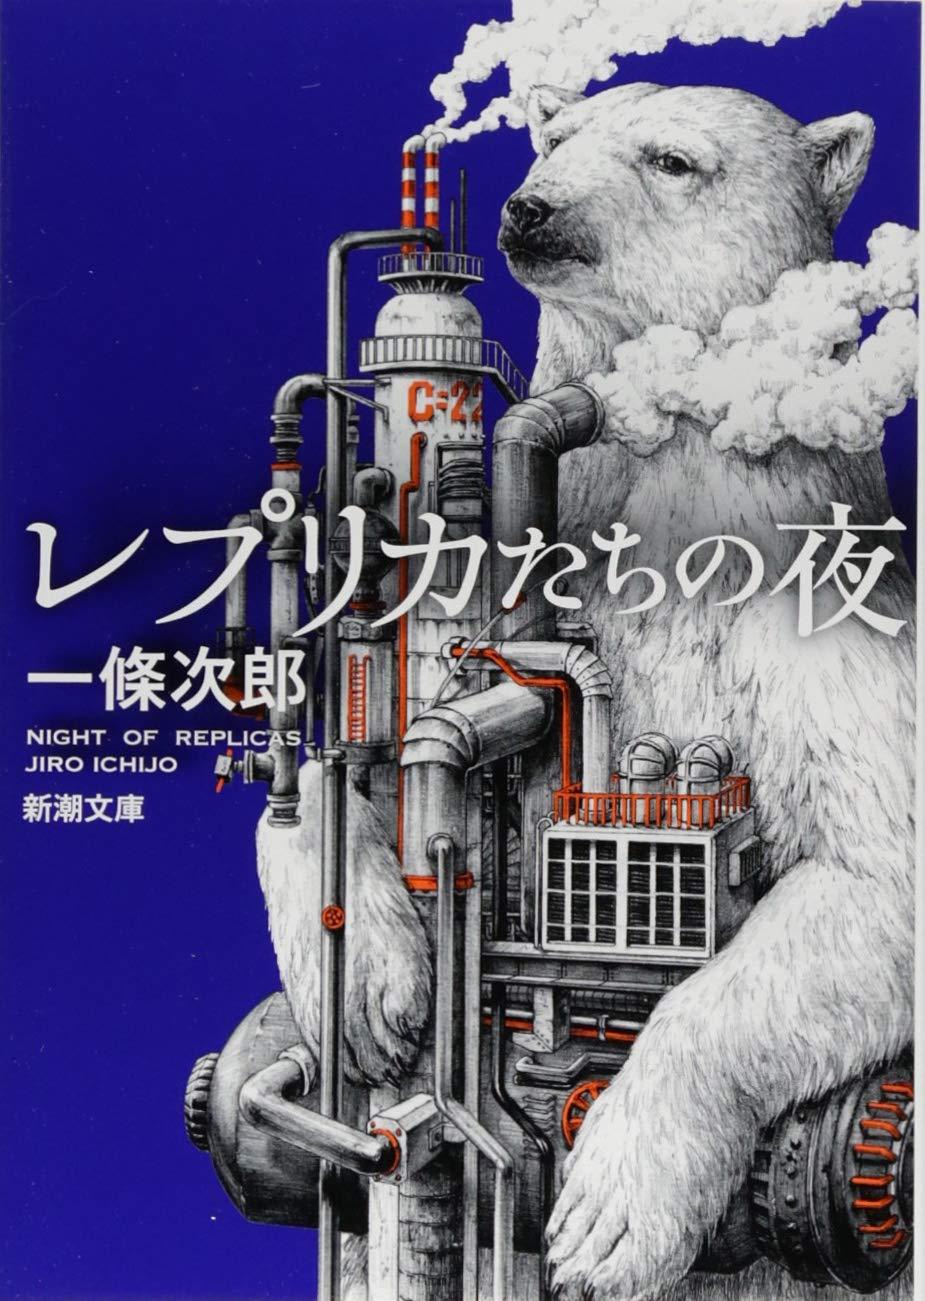 【本の感想】「レプリカたちの夜」- 工場に現れた謎のシロクマ。不条理でよくわかんないけど面白い!